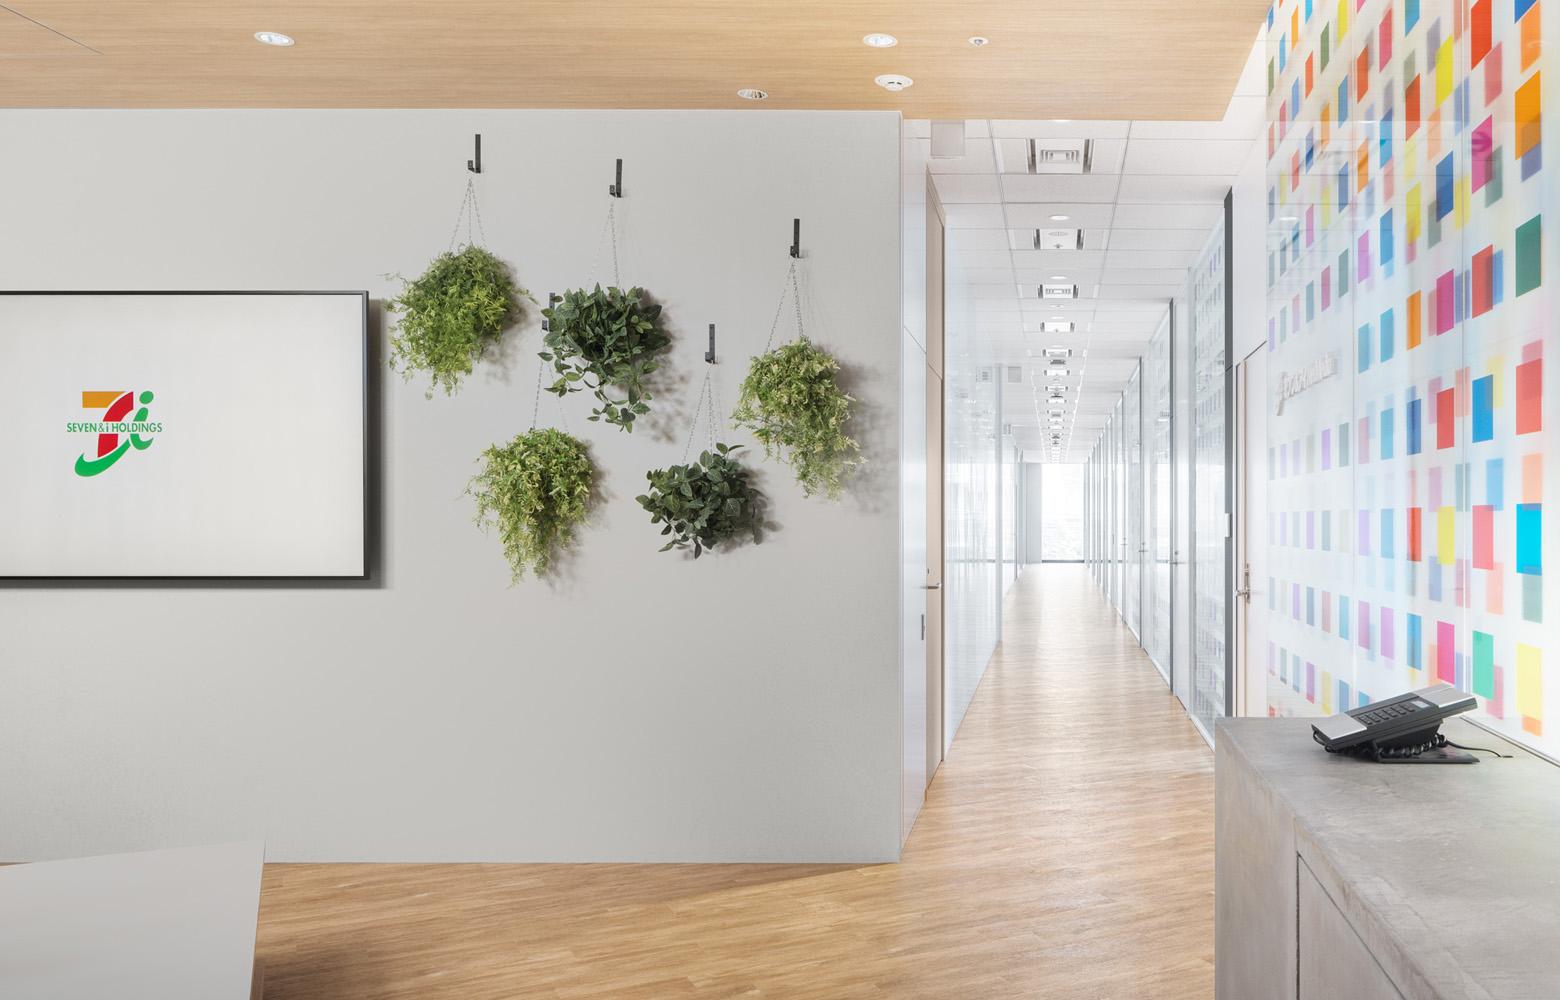 株式会社セブン&アイ・ネットメディア Entrance_Meeting Area デザイン・レイアウト事例